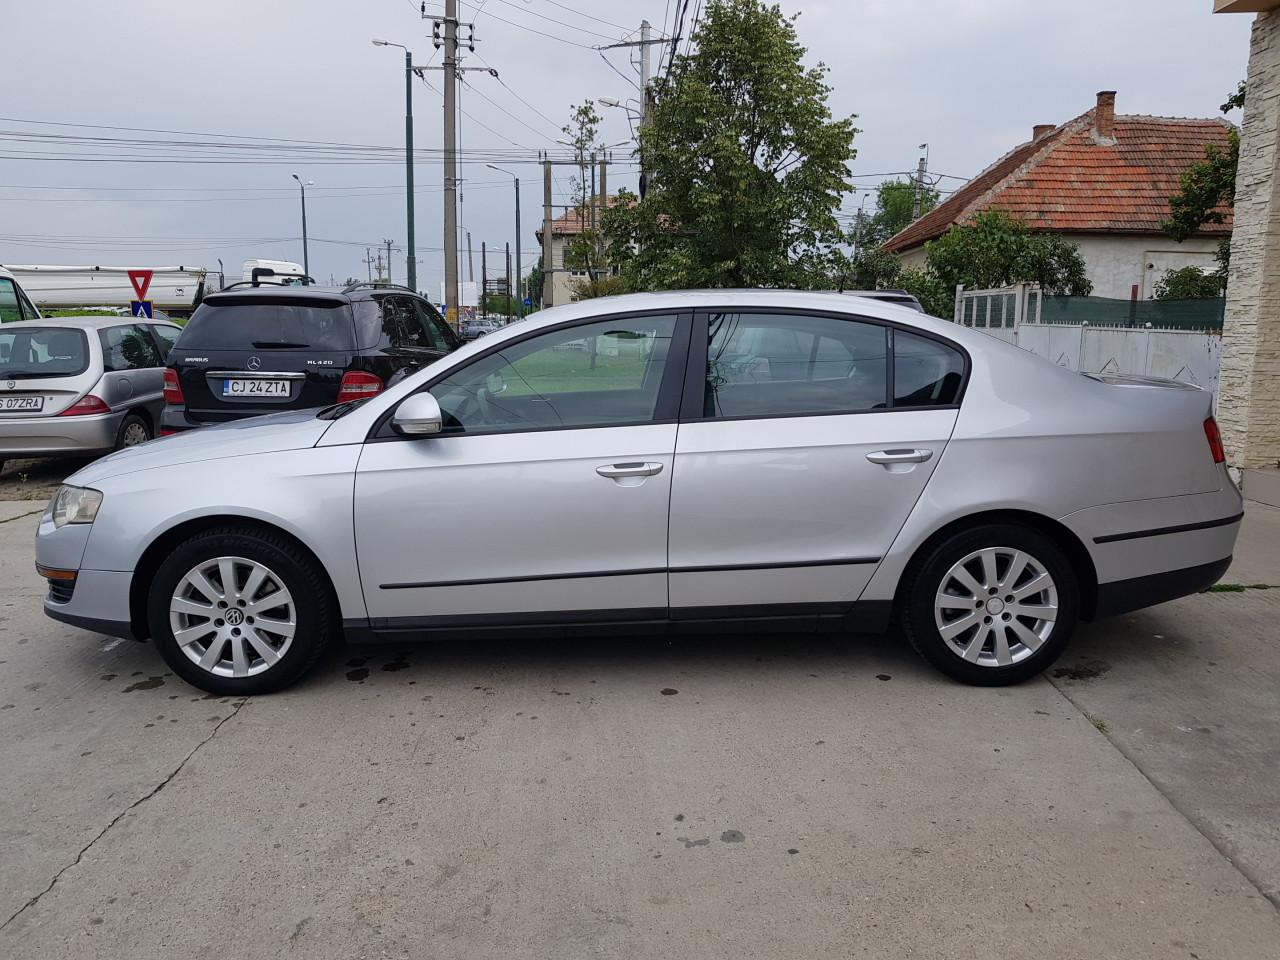 VW Passat 1.9 TDI DUBLU-CLIMATRONIC 2006